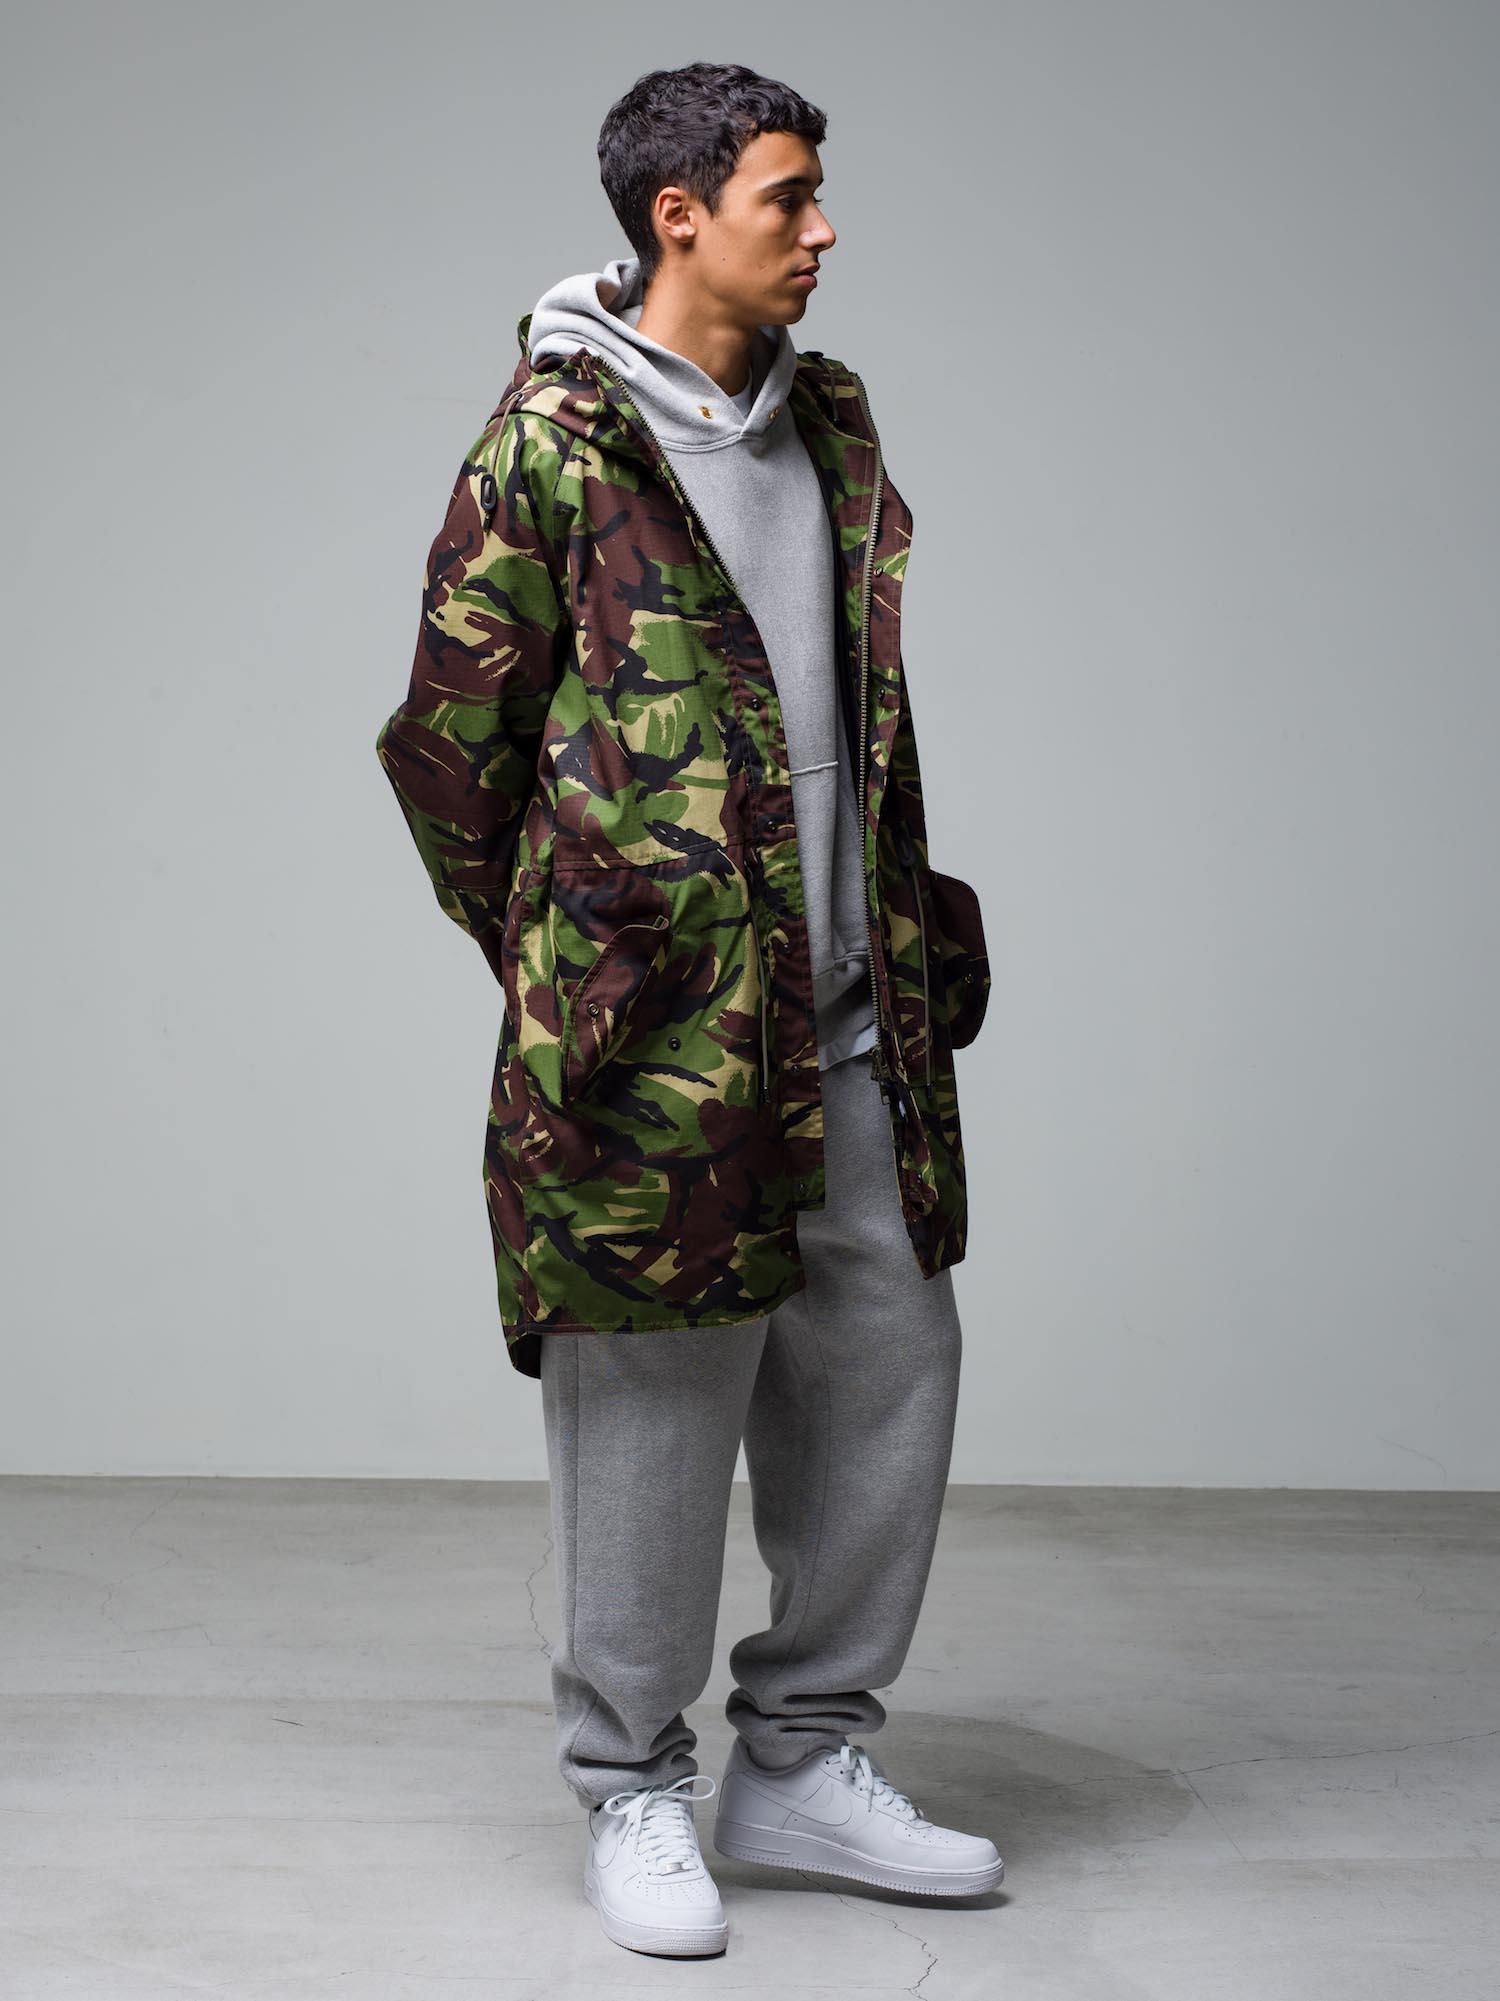 5) Jacket ¥75,900  Hoodie ¥29,700  Inner ¥8,800  Pants ¥22,000  Shoes ¥11,000